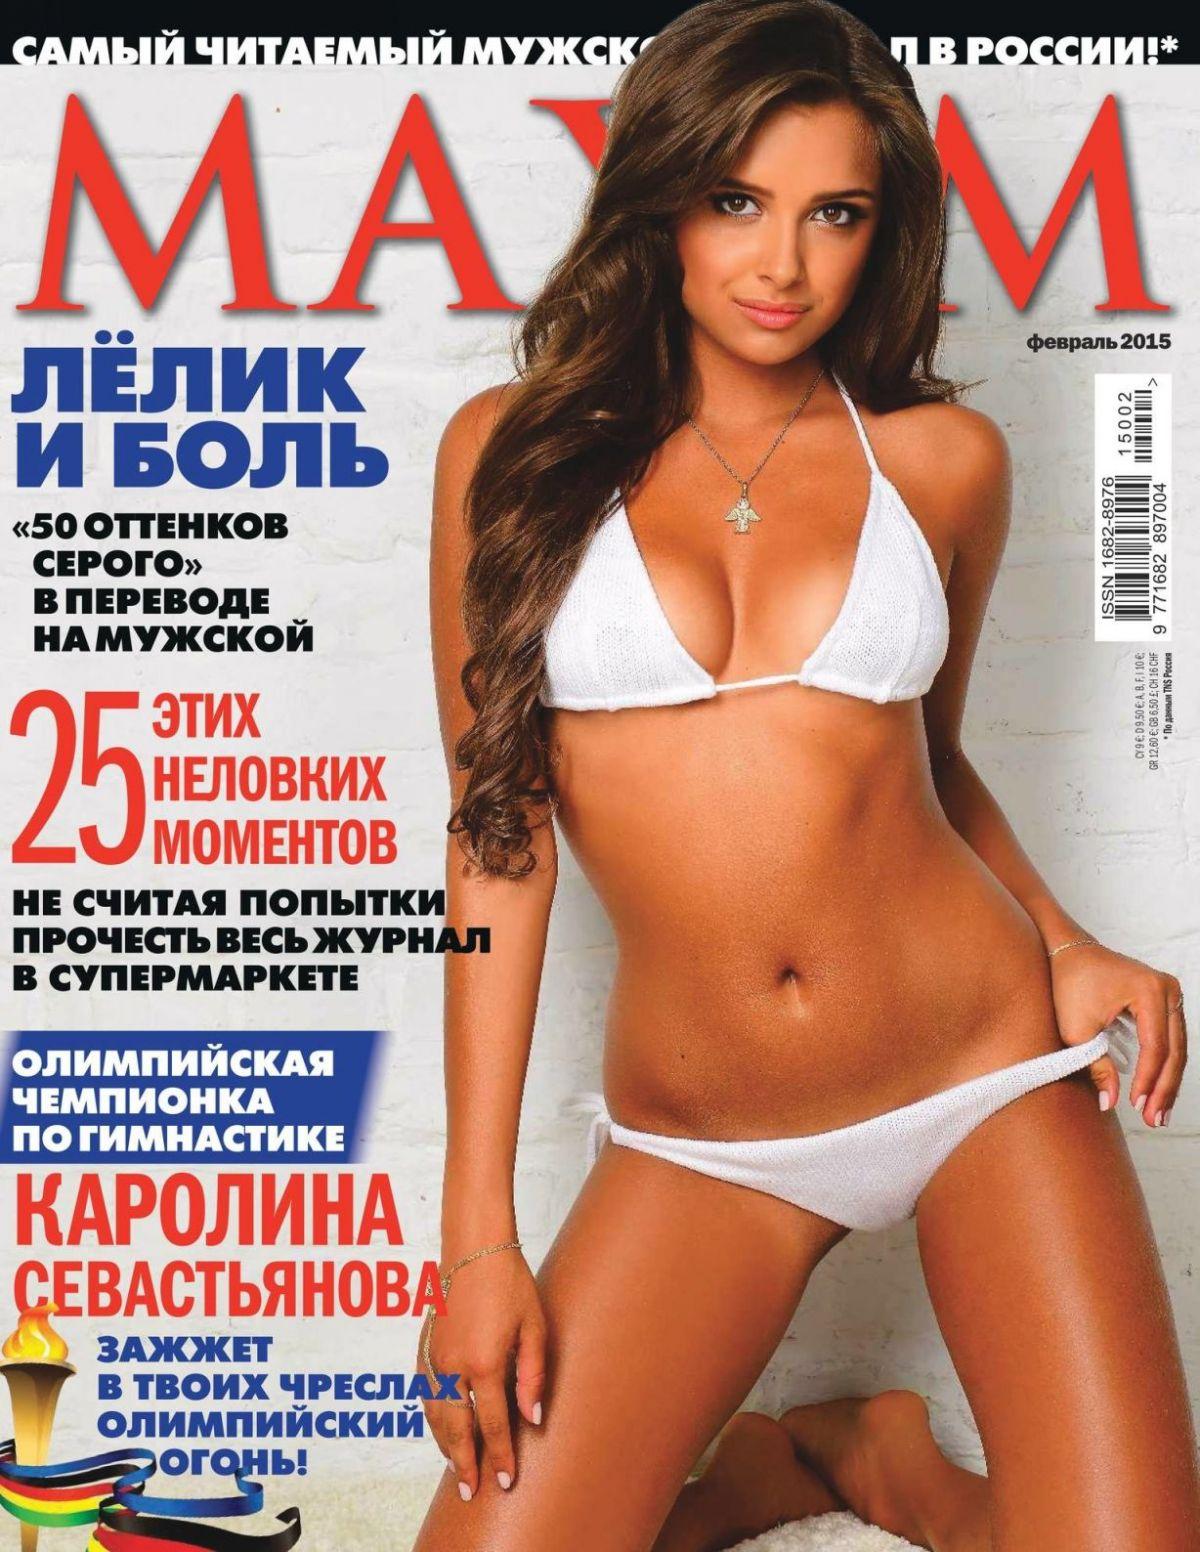 Фото девушек русских из журнала максим